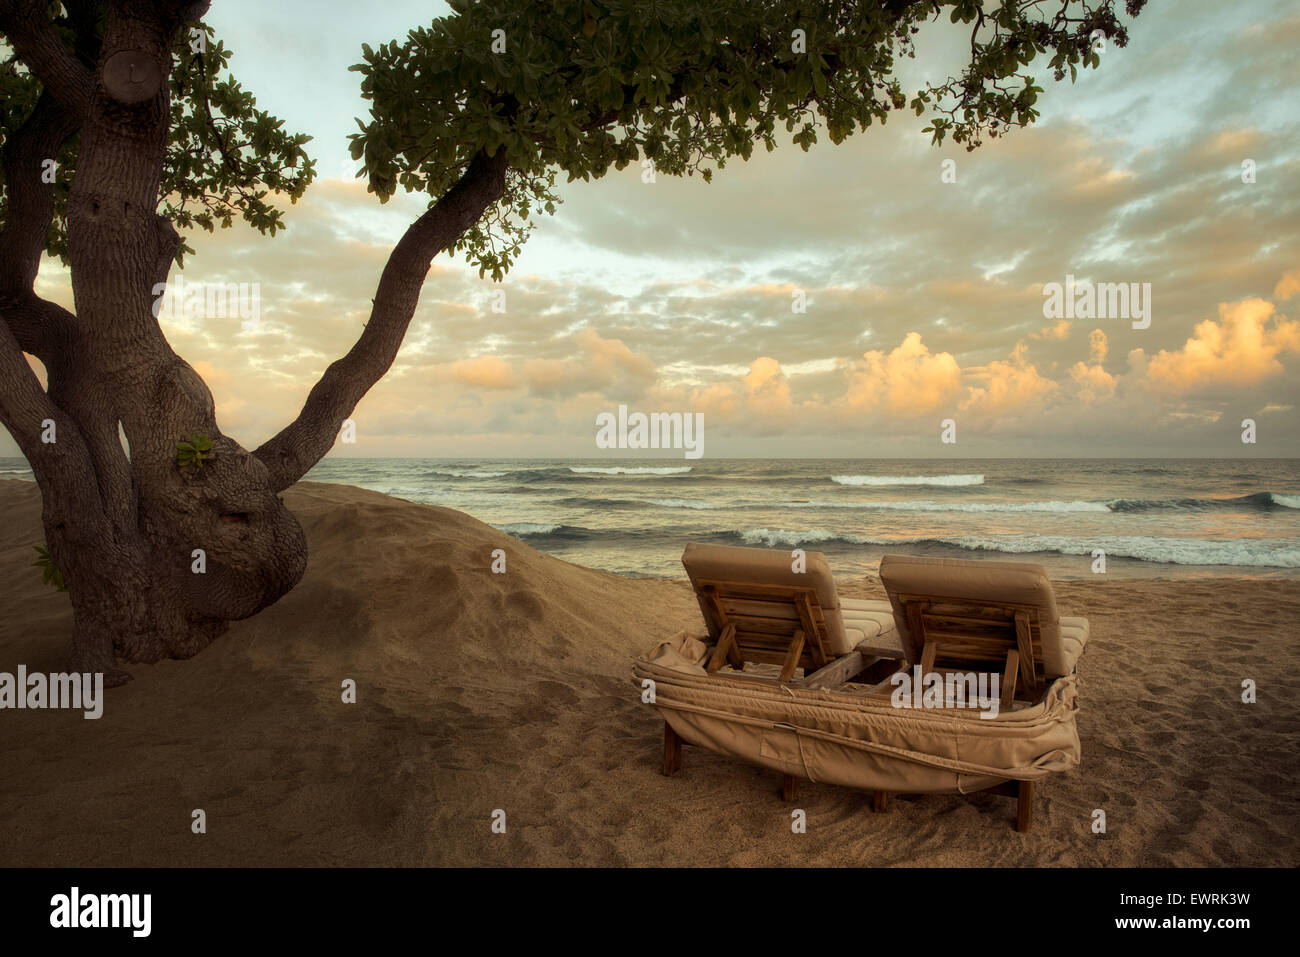 Lever du soleil et des vagues avec des chaises de plage. New York, la grande île. Banque D'Images